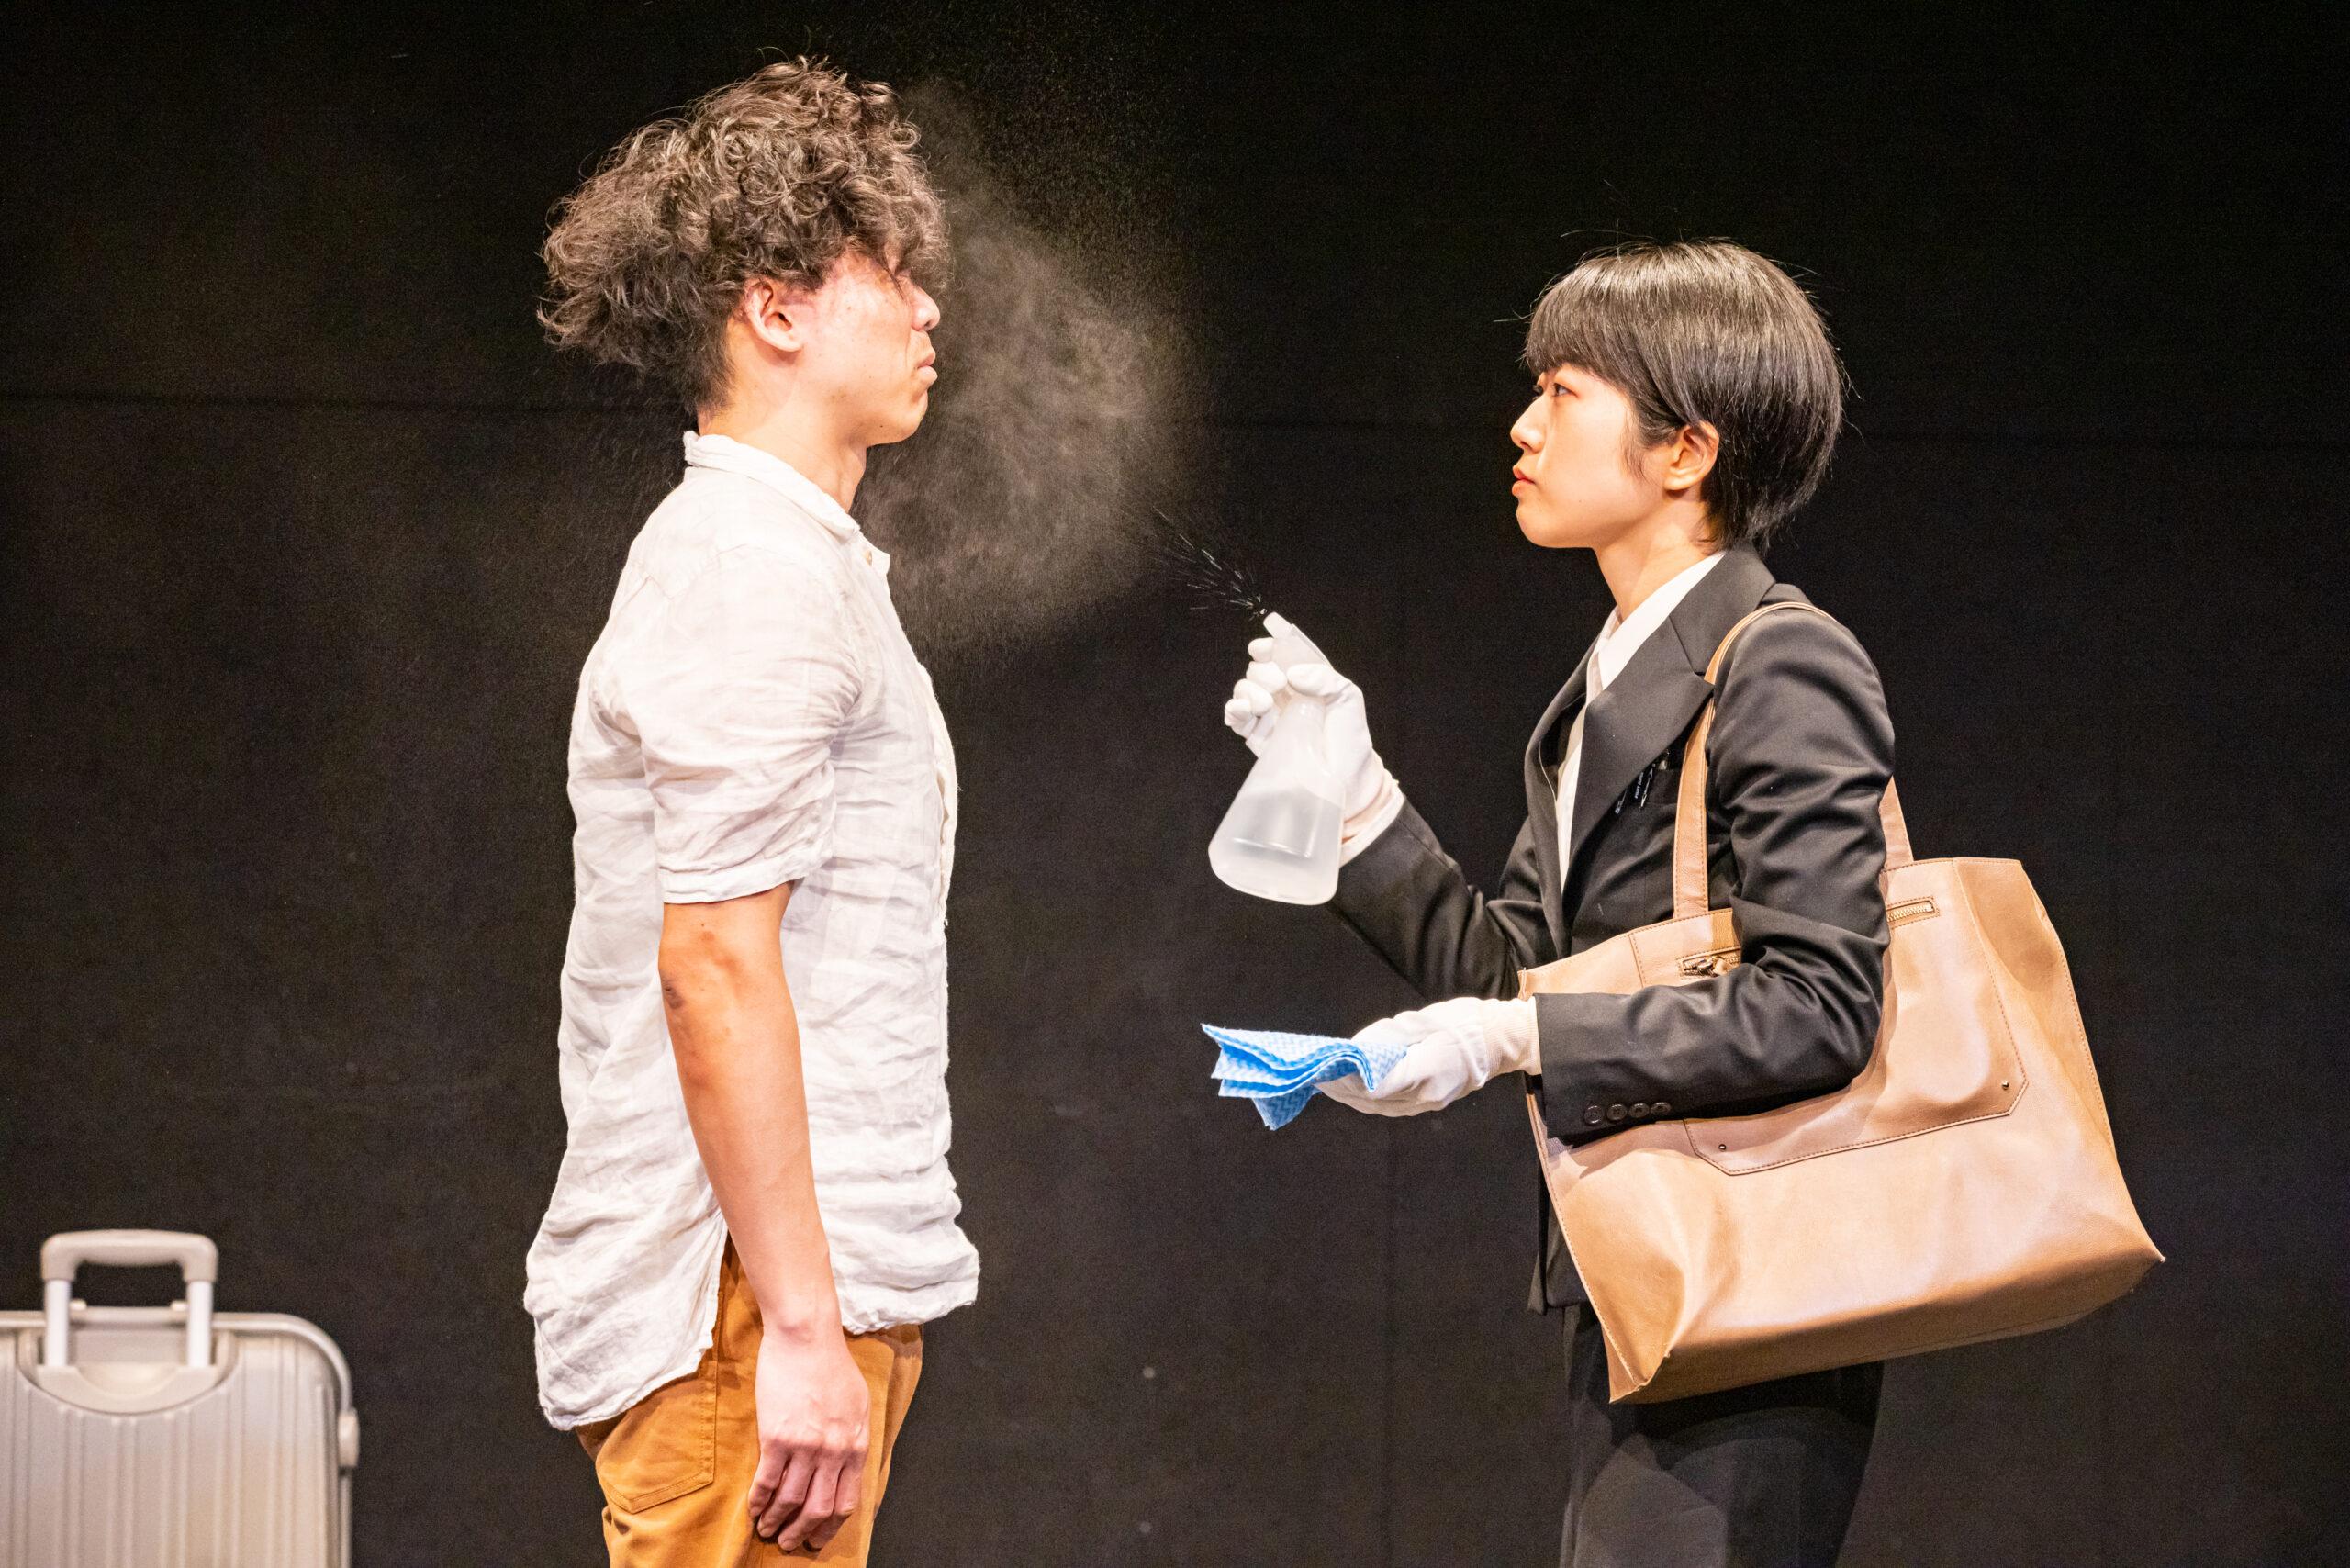 news | artscapeに若だんさんと御いんきょさん『棒になった男』の公演レビューが掲載されています。